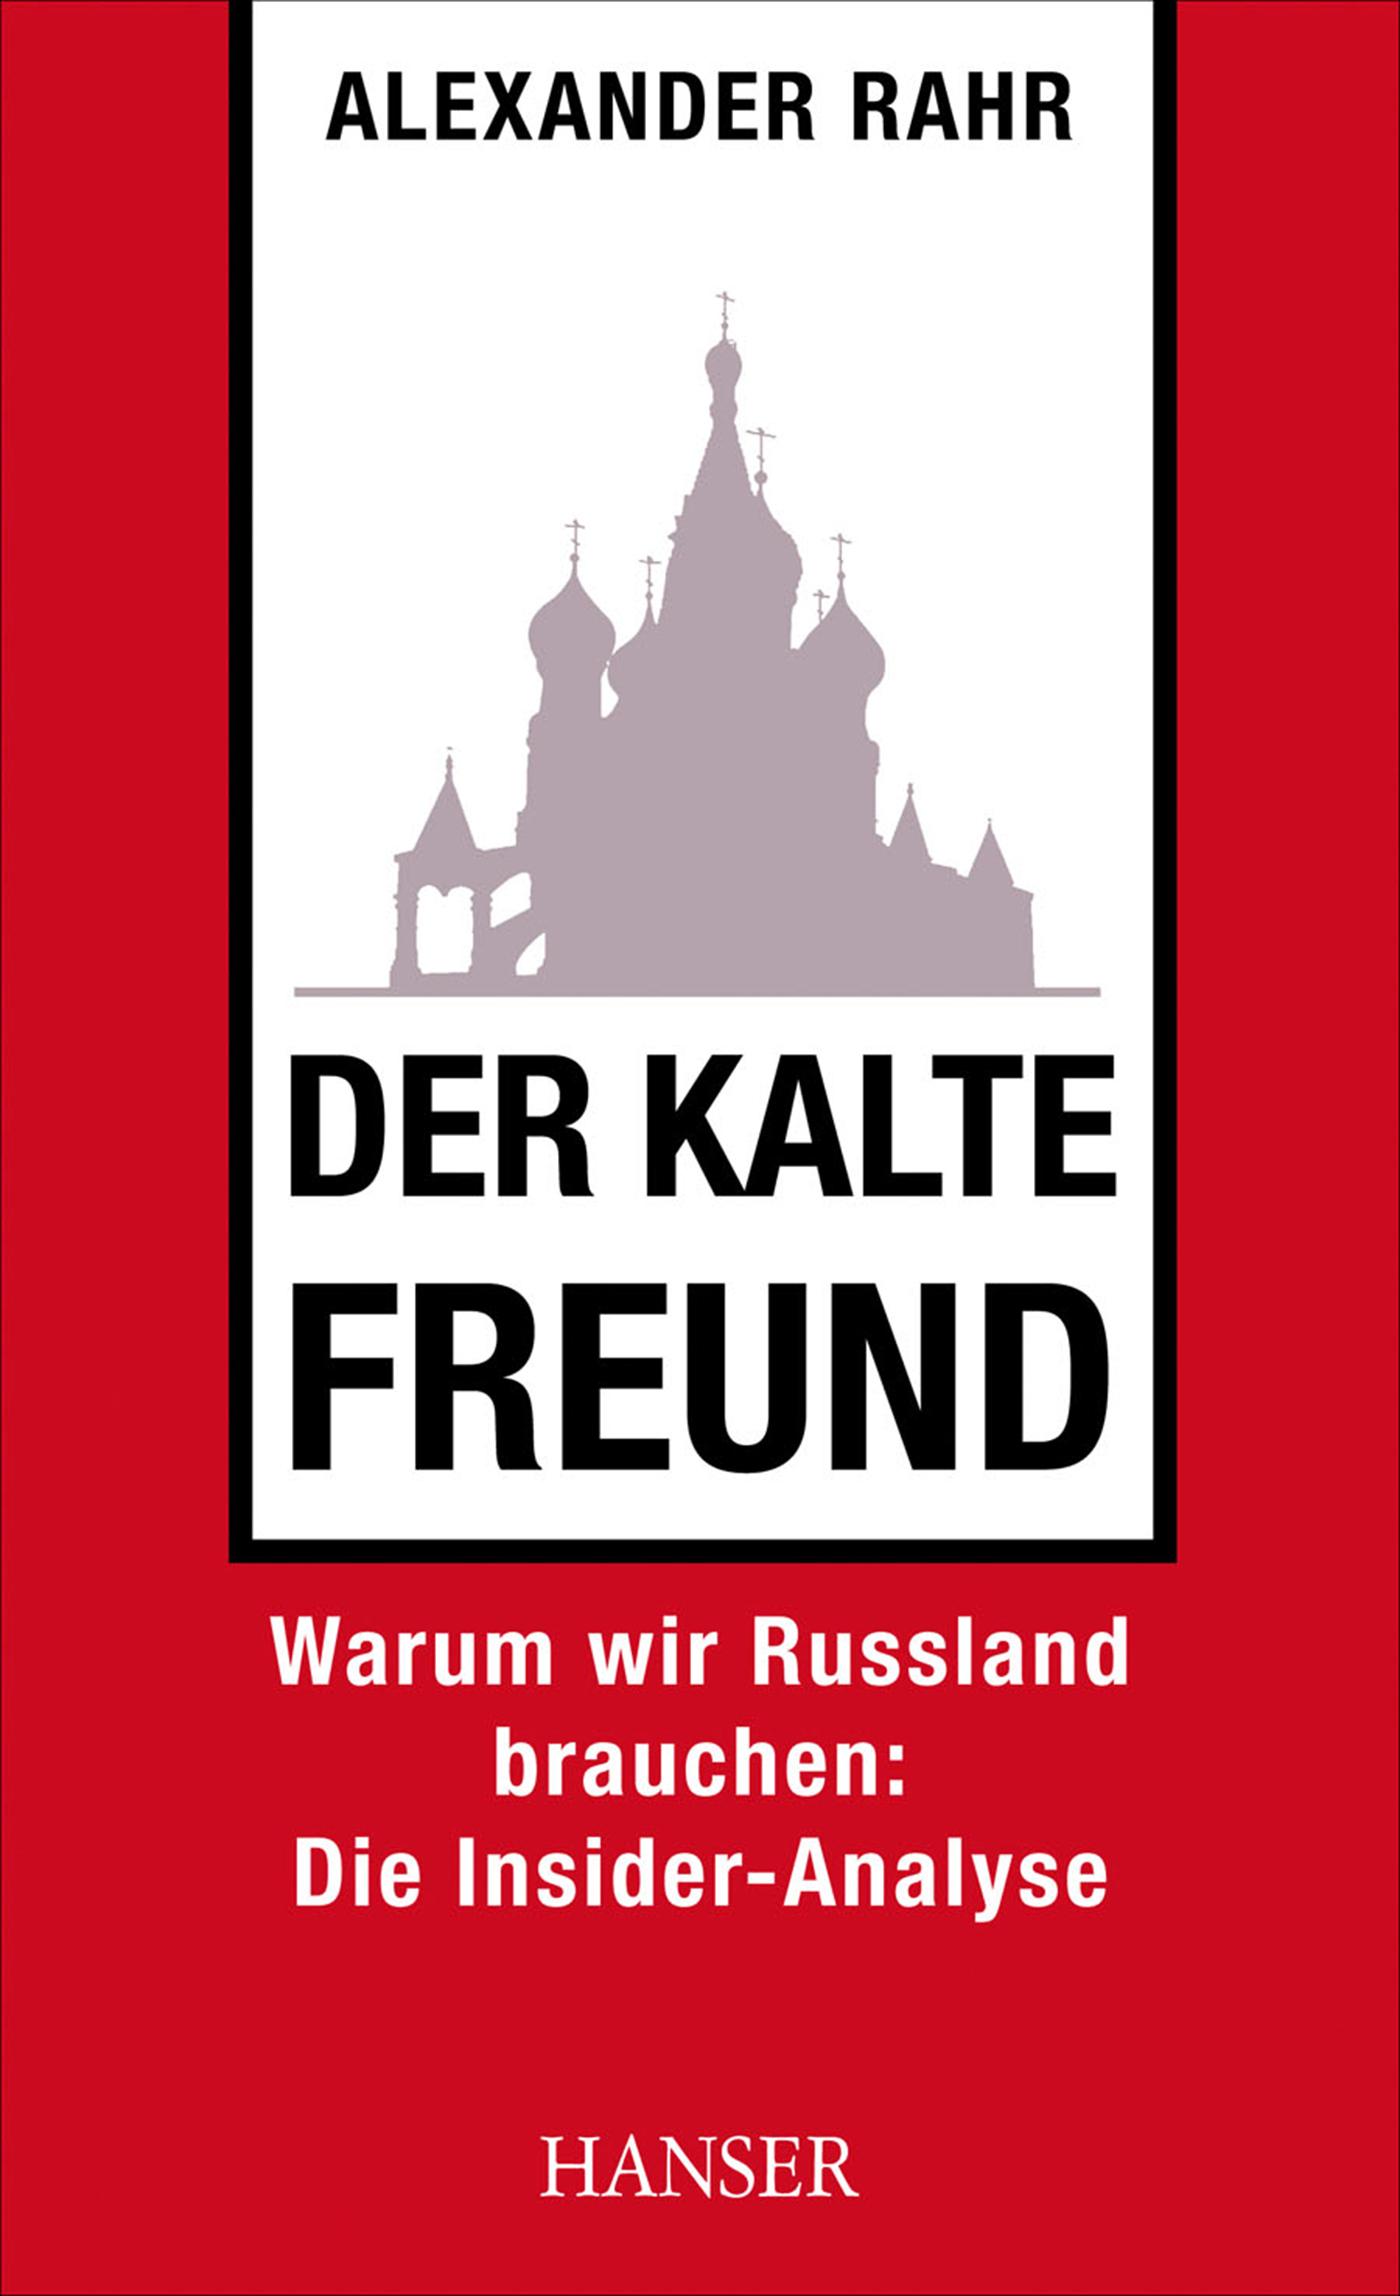 Der kalte Freund: Warum wir Russland brauchen: Die Insider-Analyse - Alexander Rahr